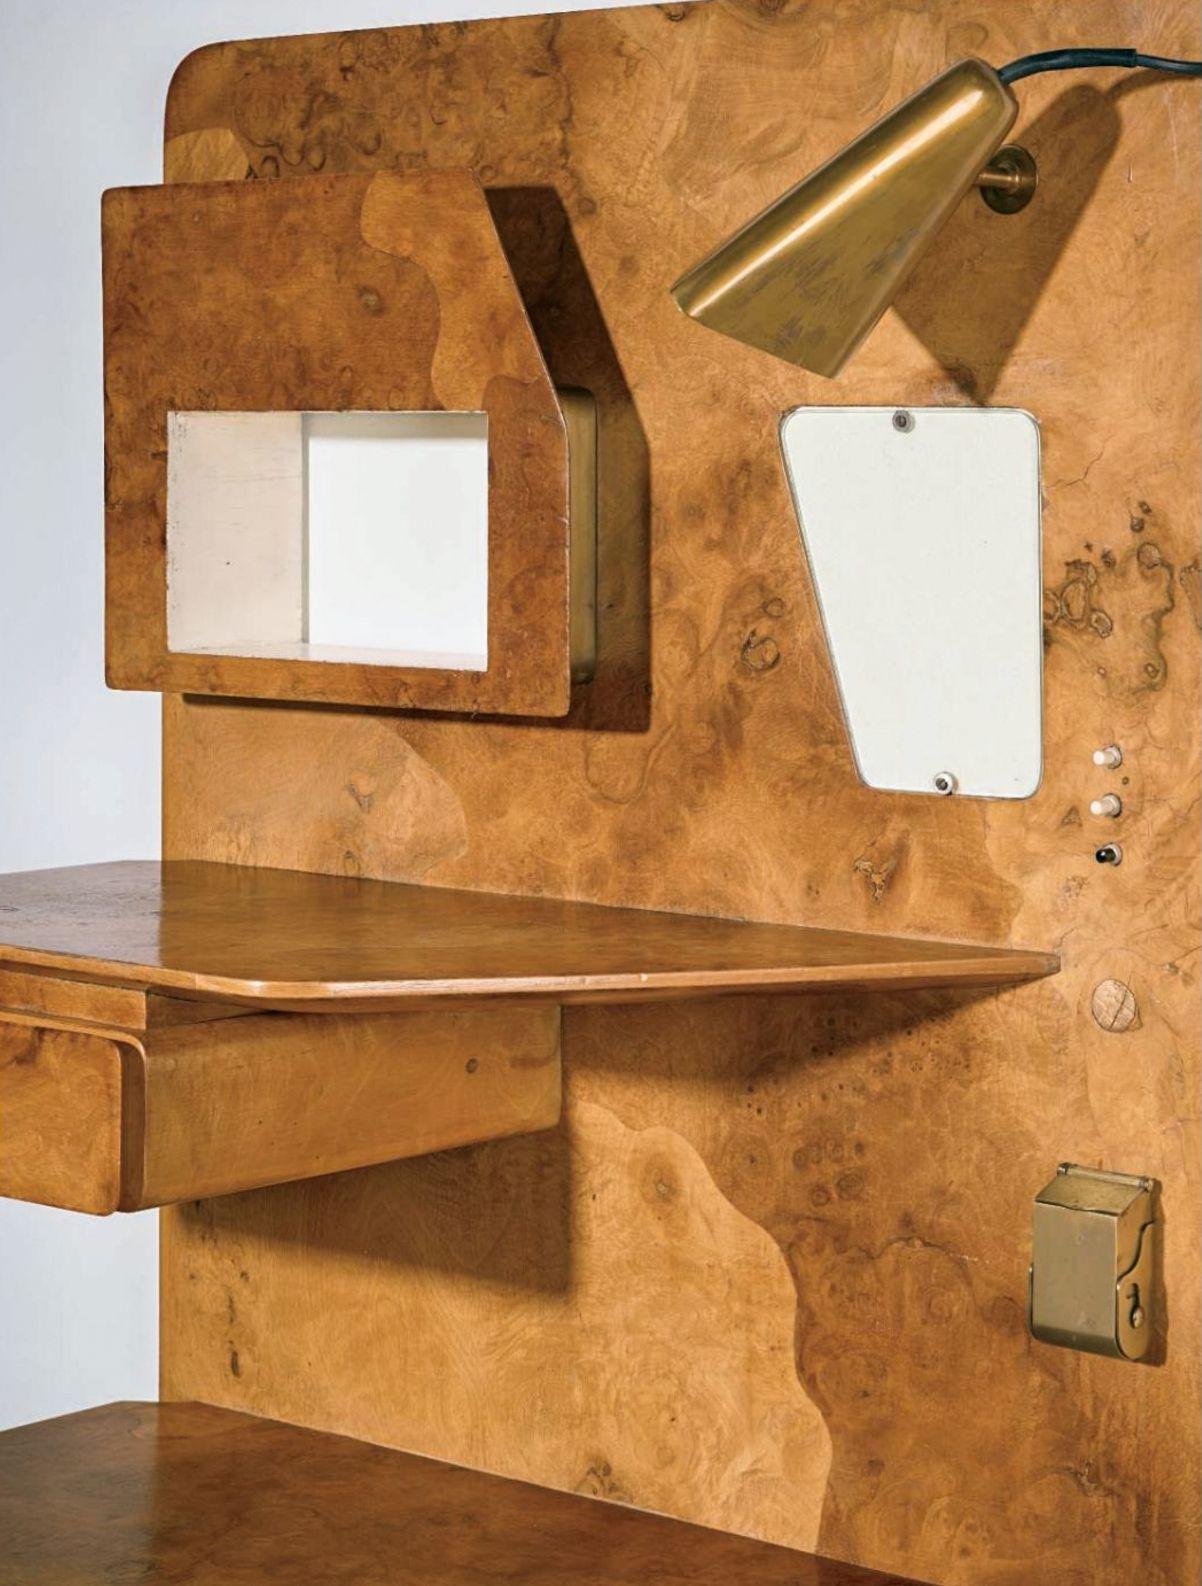 Gio Ponti Bedside Dashboard Designed For Nordiska Kompaniet Stockholm Sweden 1953 Material Walnut Root Burl Veneer Burled Wood Paint Brass Furniture Maker